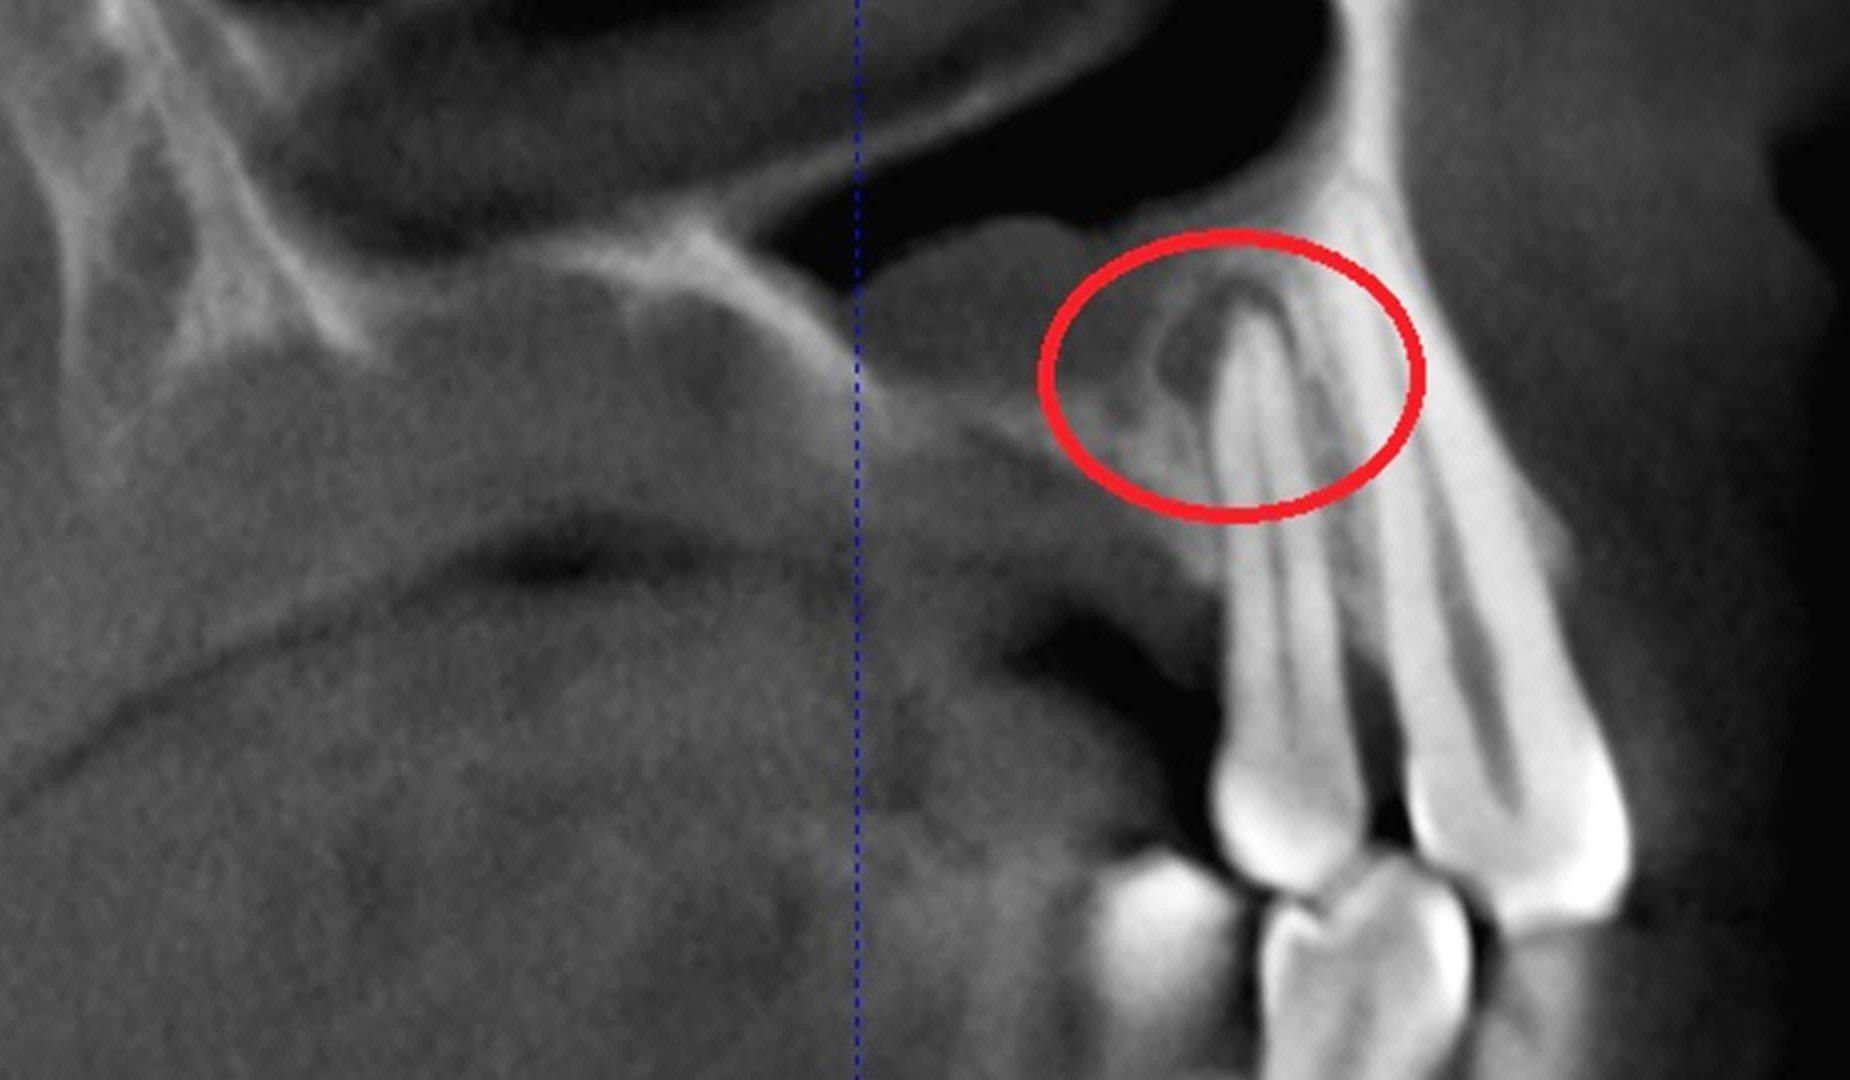 Снимок пролеченного зуба